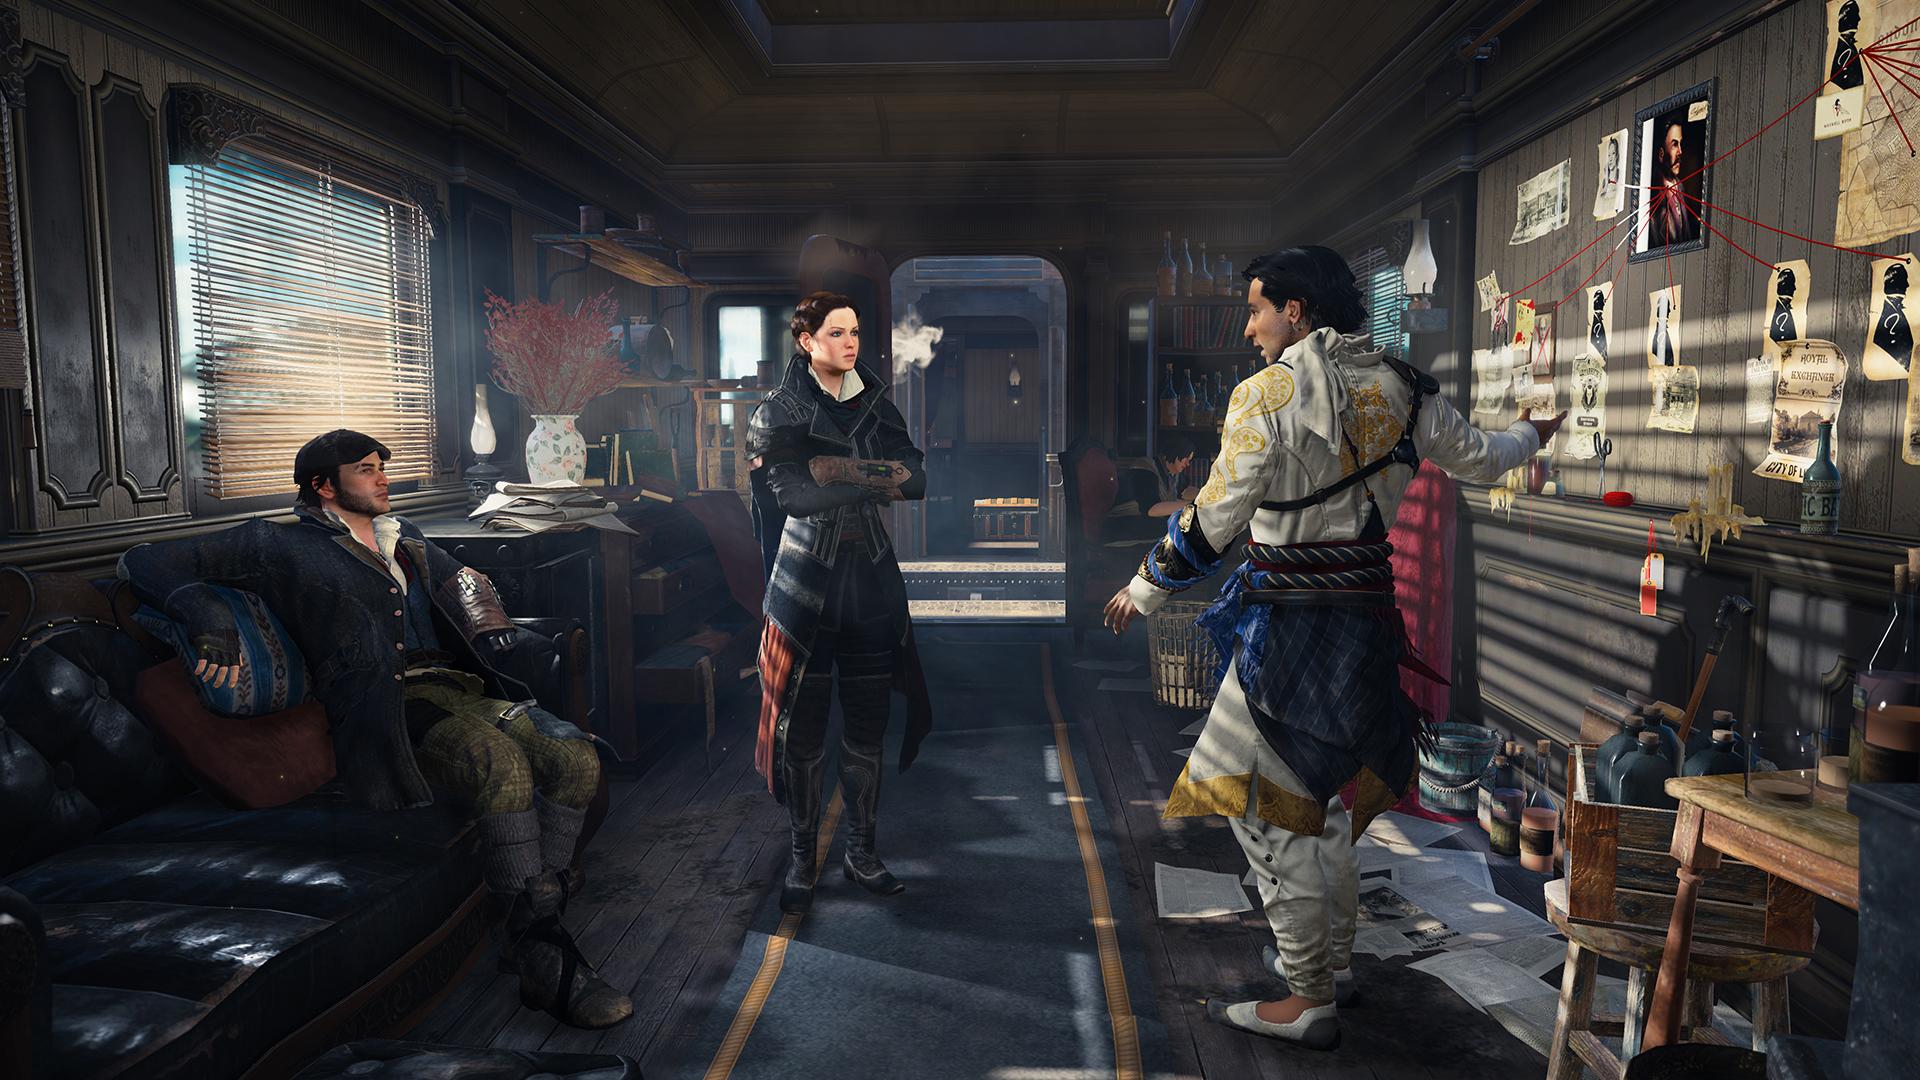 Assassin's Creed: Syndicate – Londýne třes se, dvojčata dorazila 114320